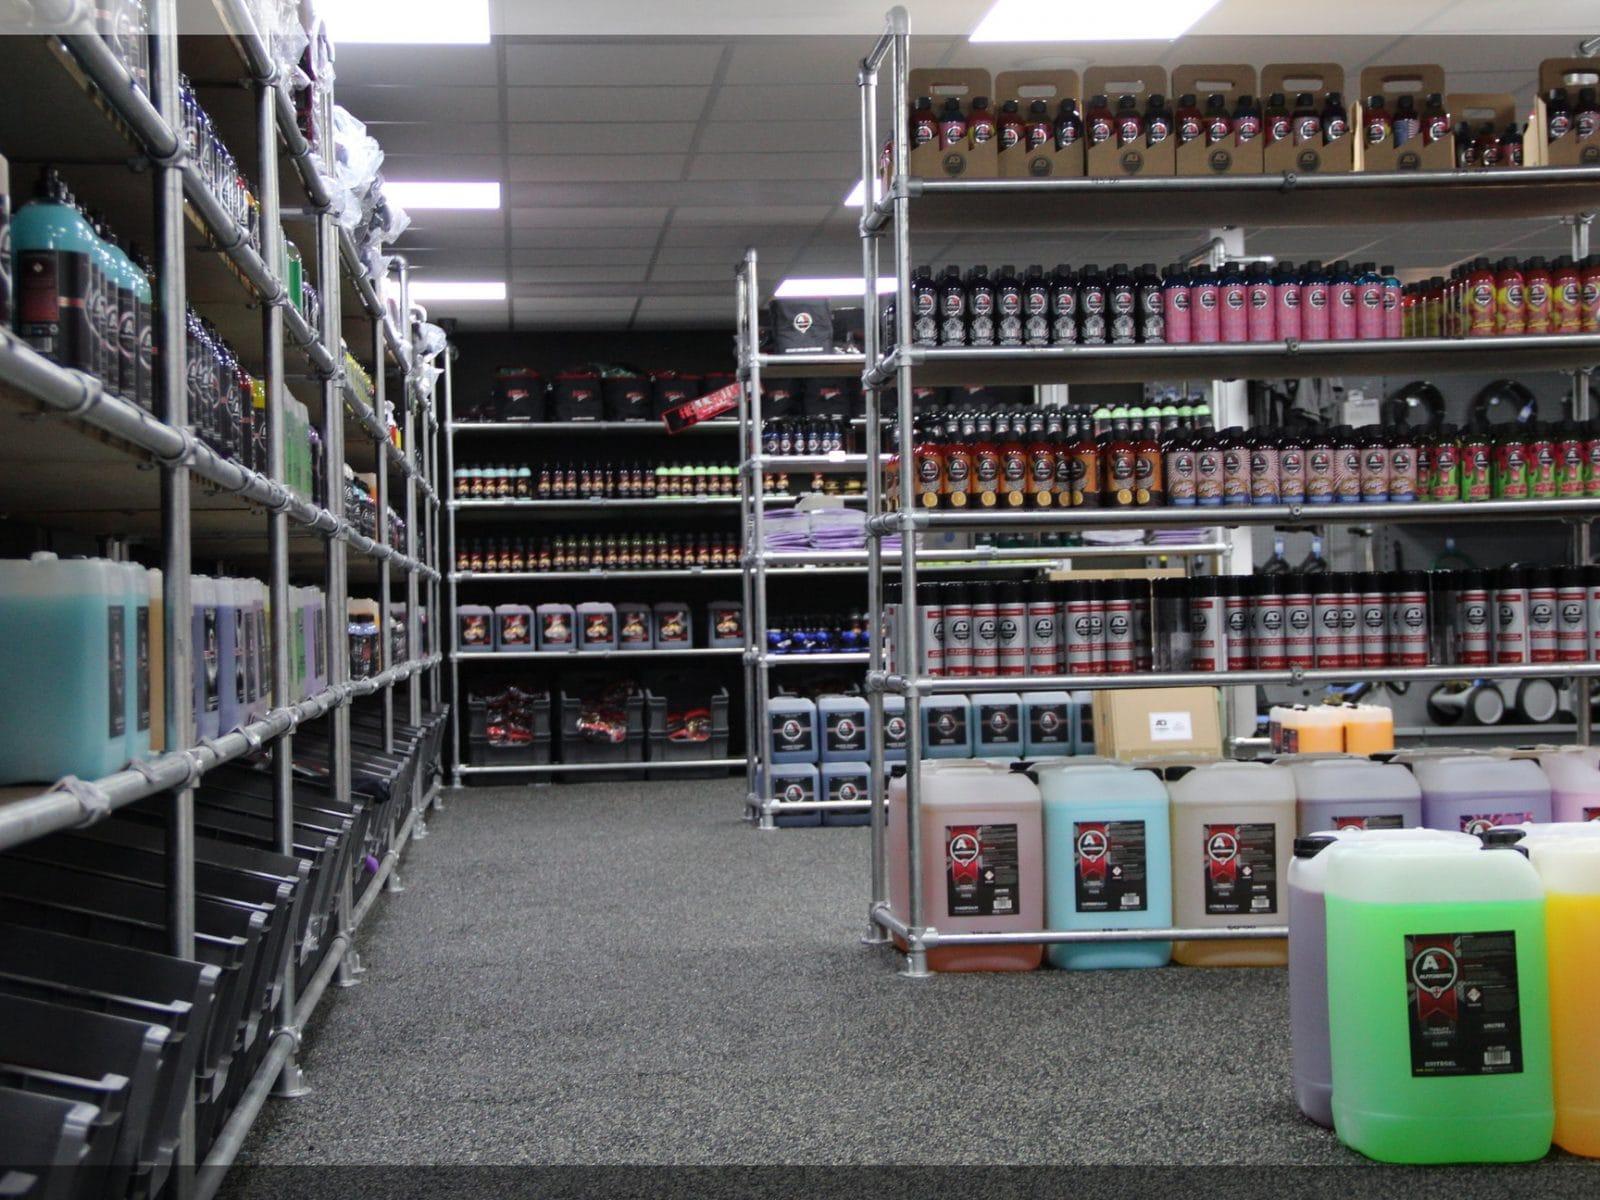 autobrite shop floor